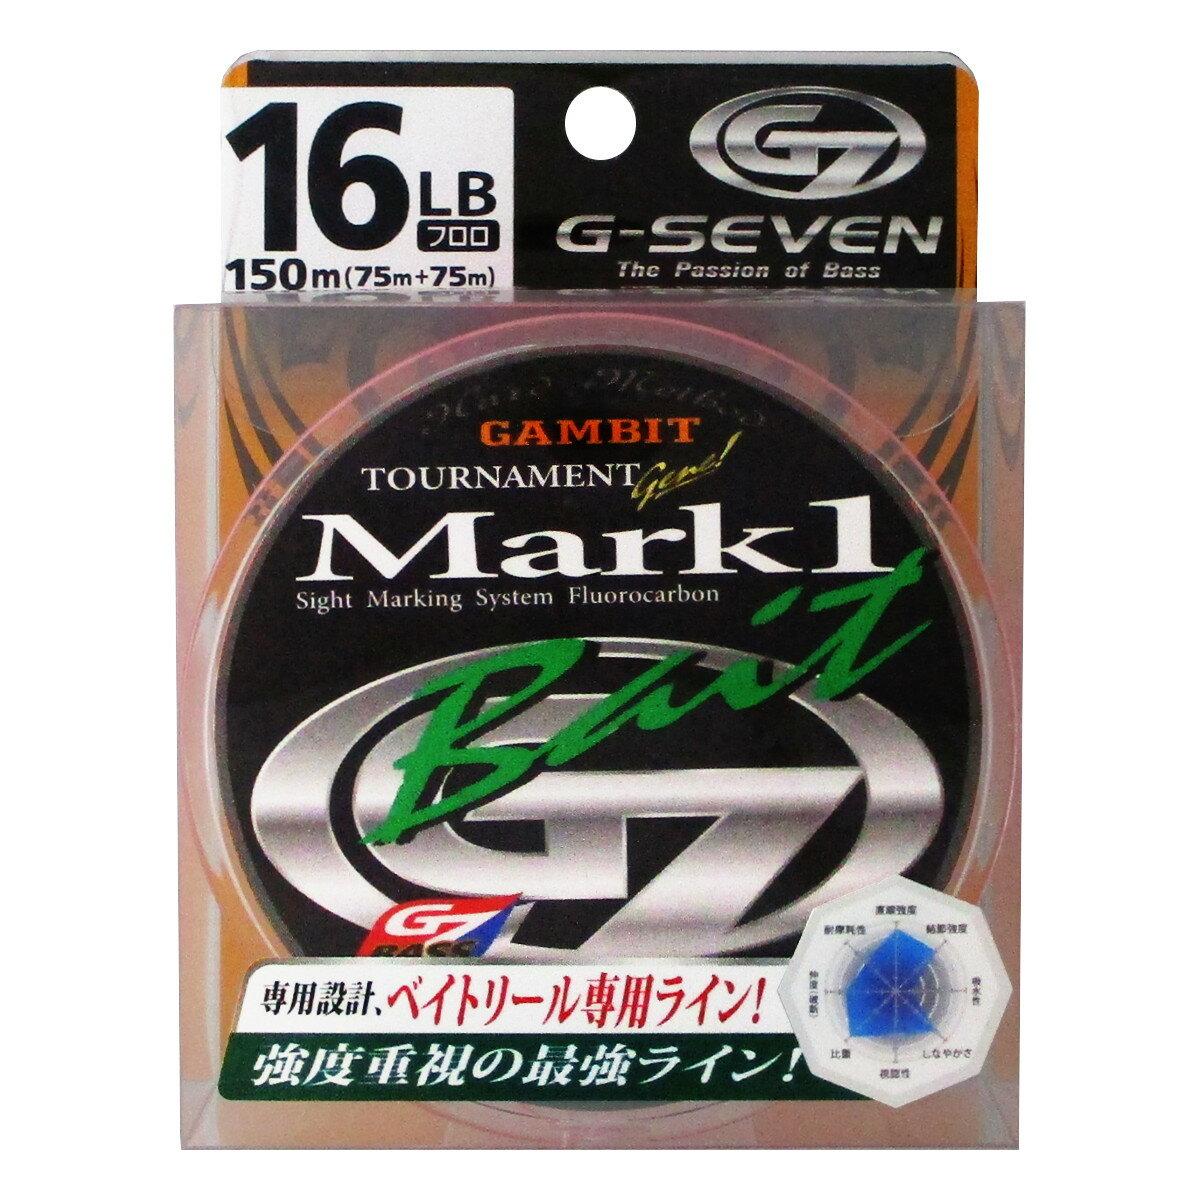 ラインシステム G7 トーナメントジーン MARK1 ベイト G3116C 150m 16lb(東日本店)